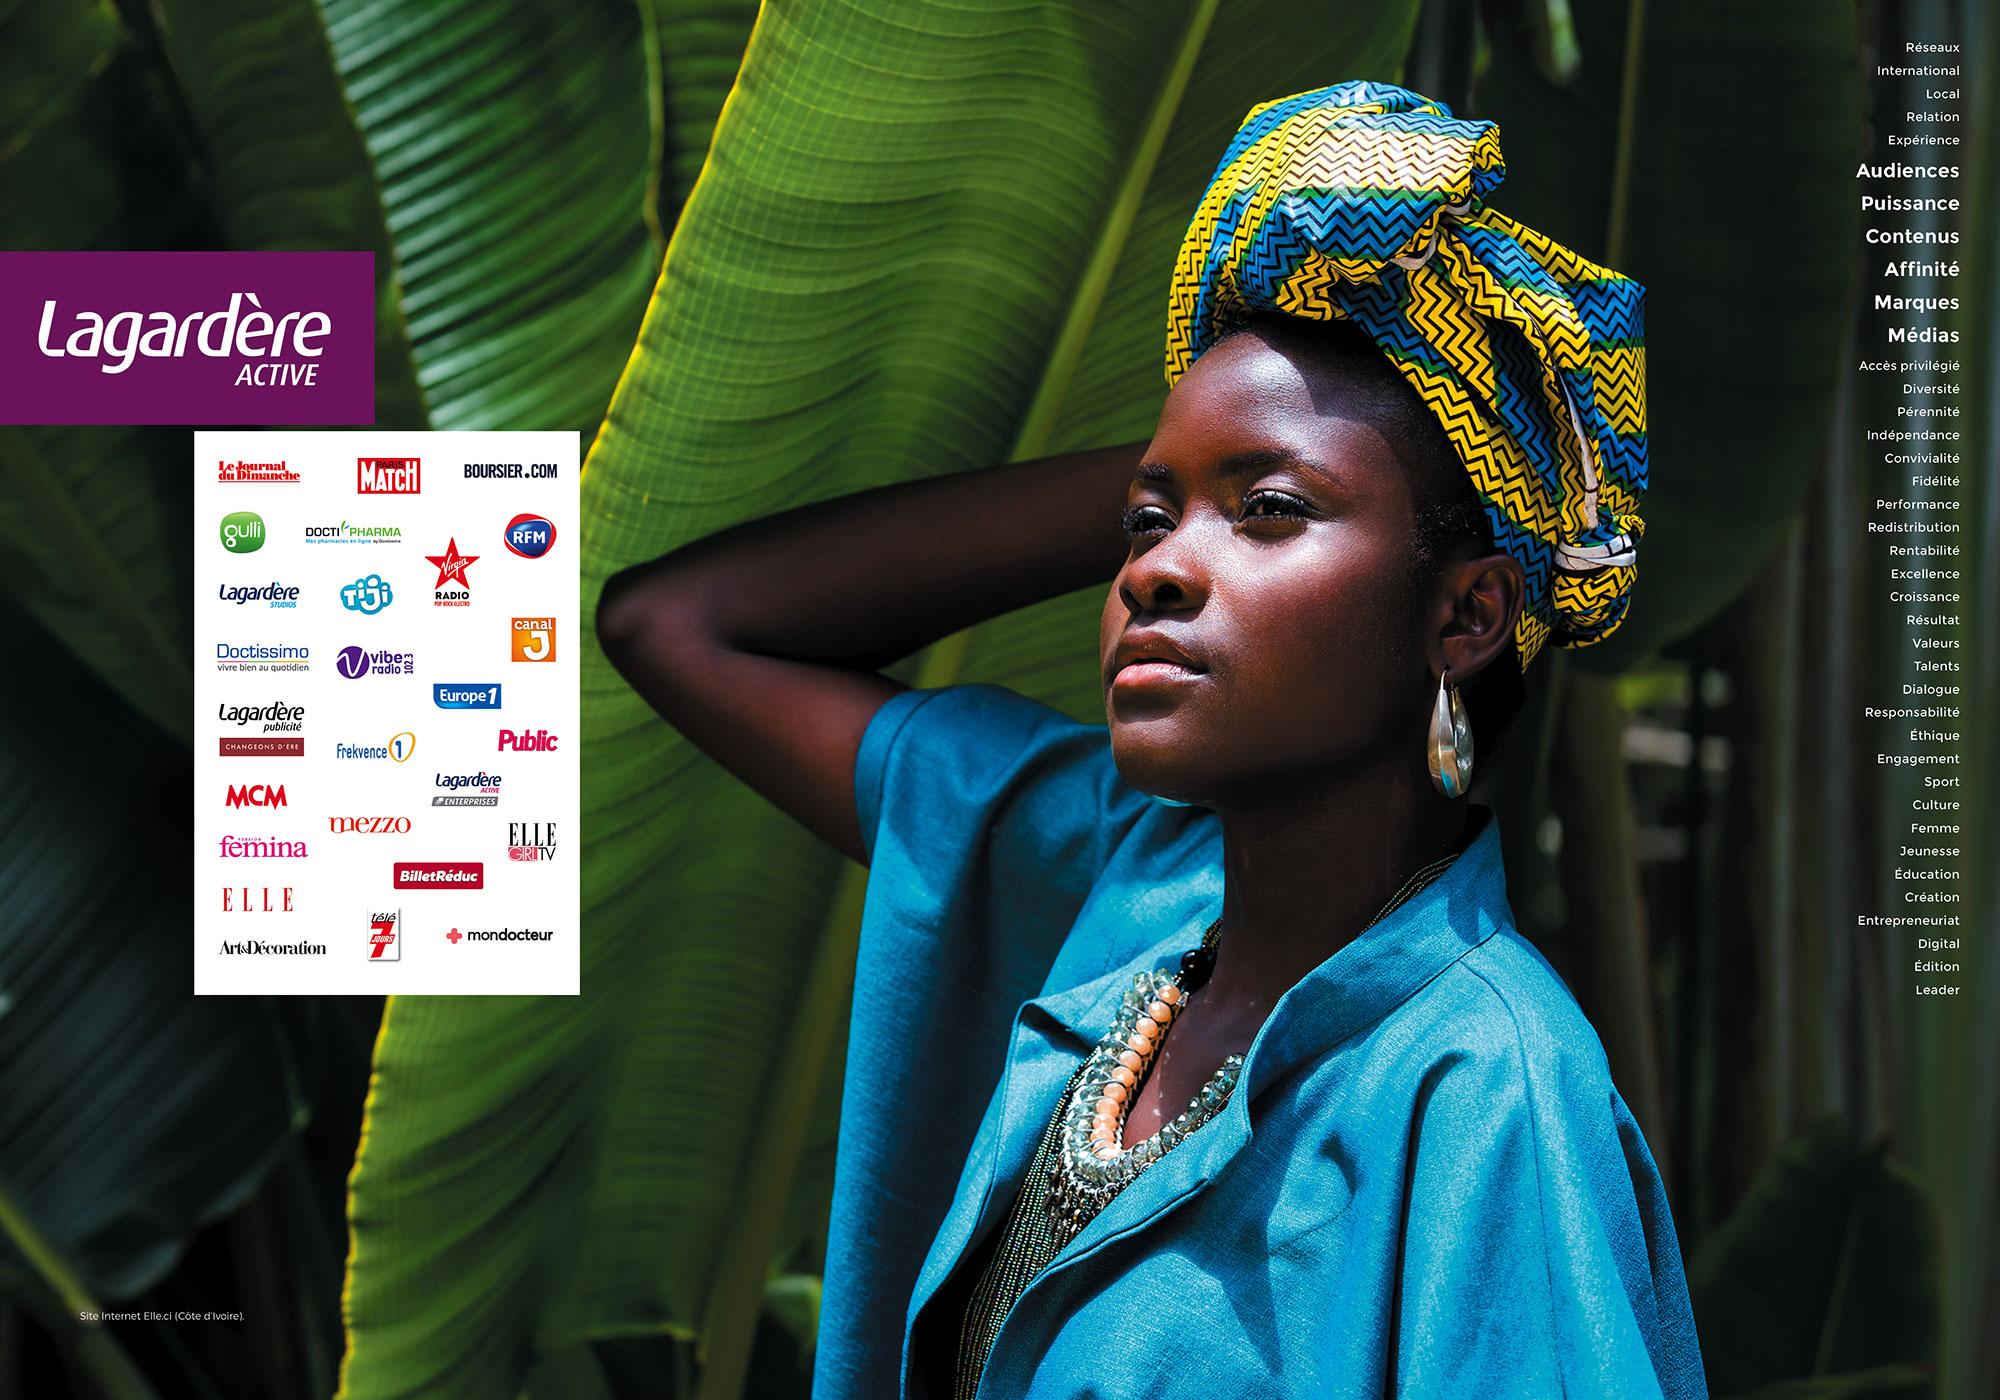 Lagardère Active - Site Internet Elle.ci (Côte d'Ivoire)